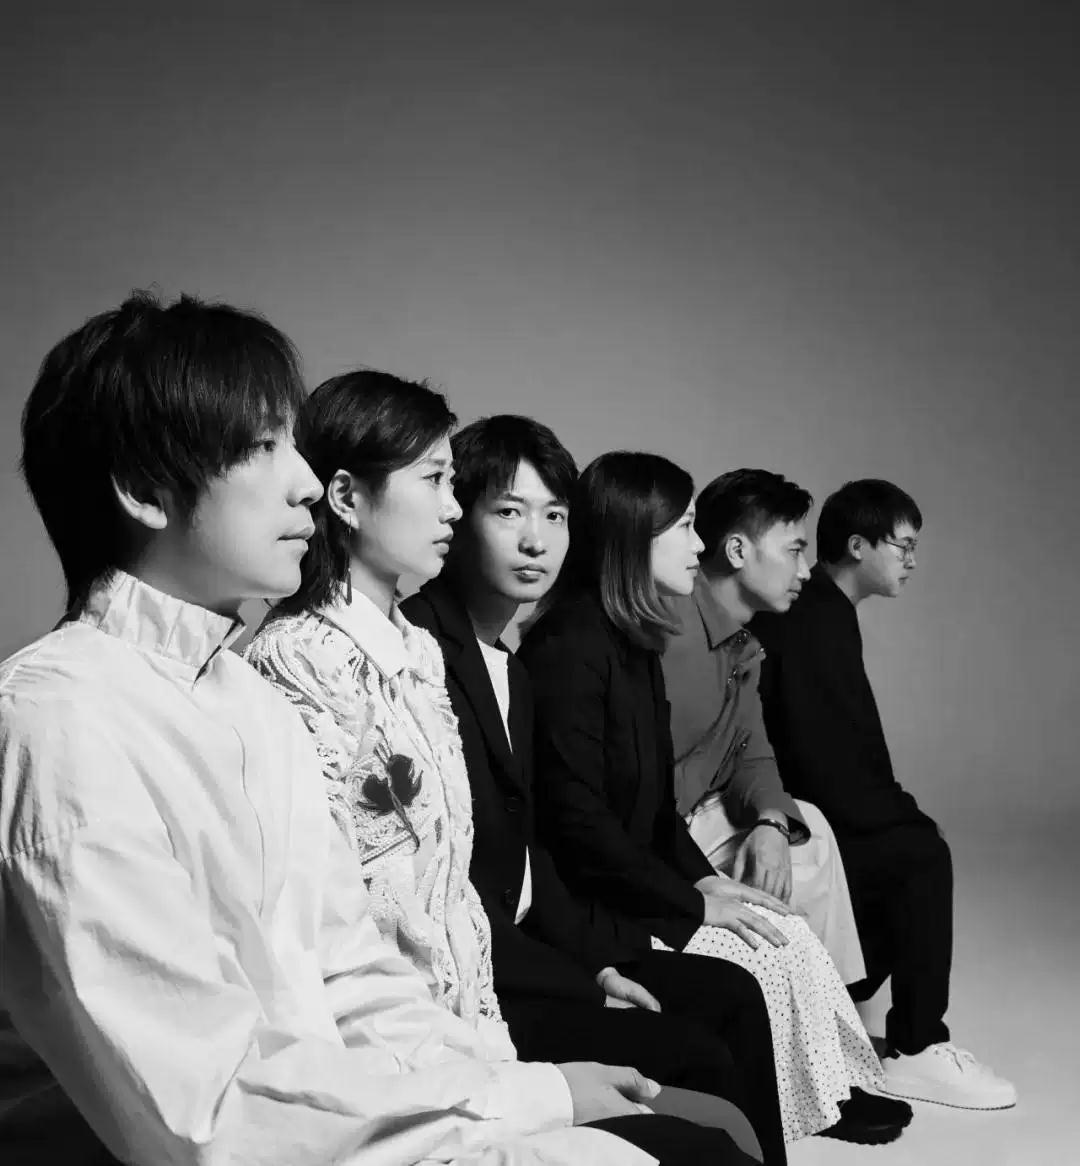 2021鹿先森乐队·敬这伟大的良宵全国巡回演唱会-佛山站